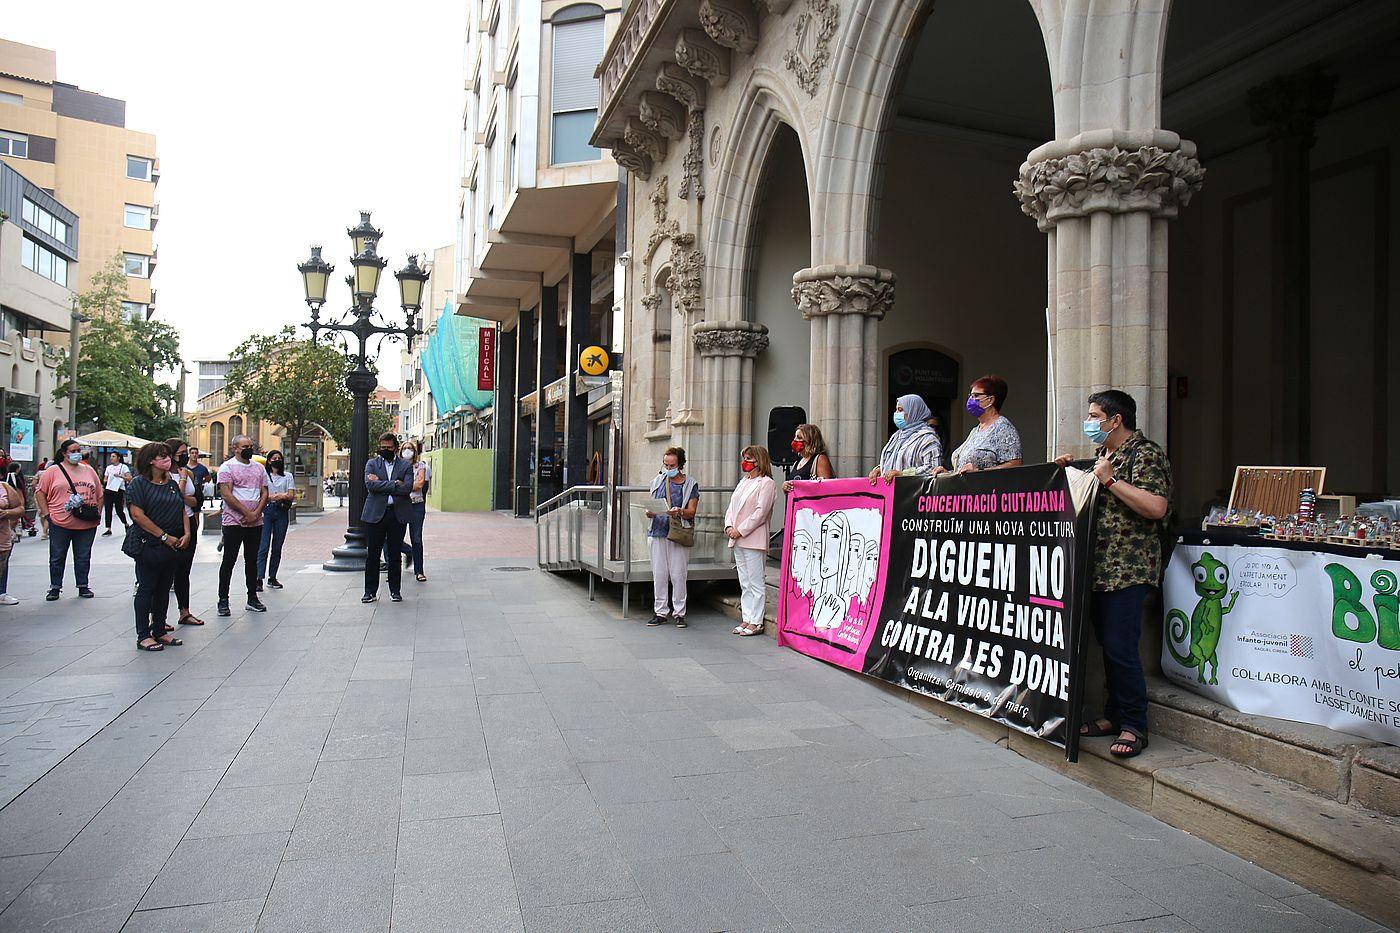 Concentració contra violències masclistes a Terrassa   Aj. Terrassa